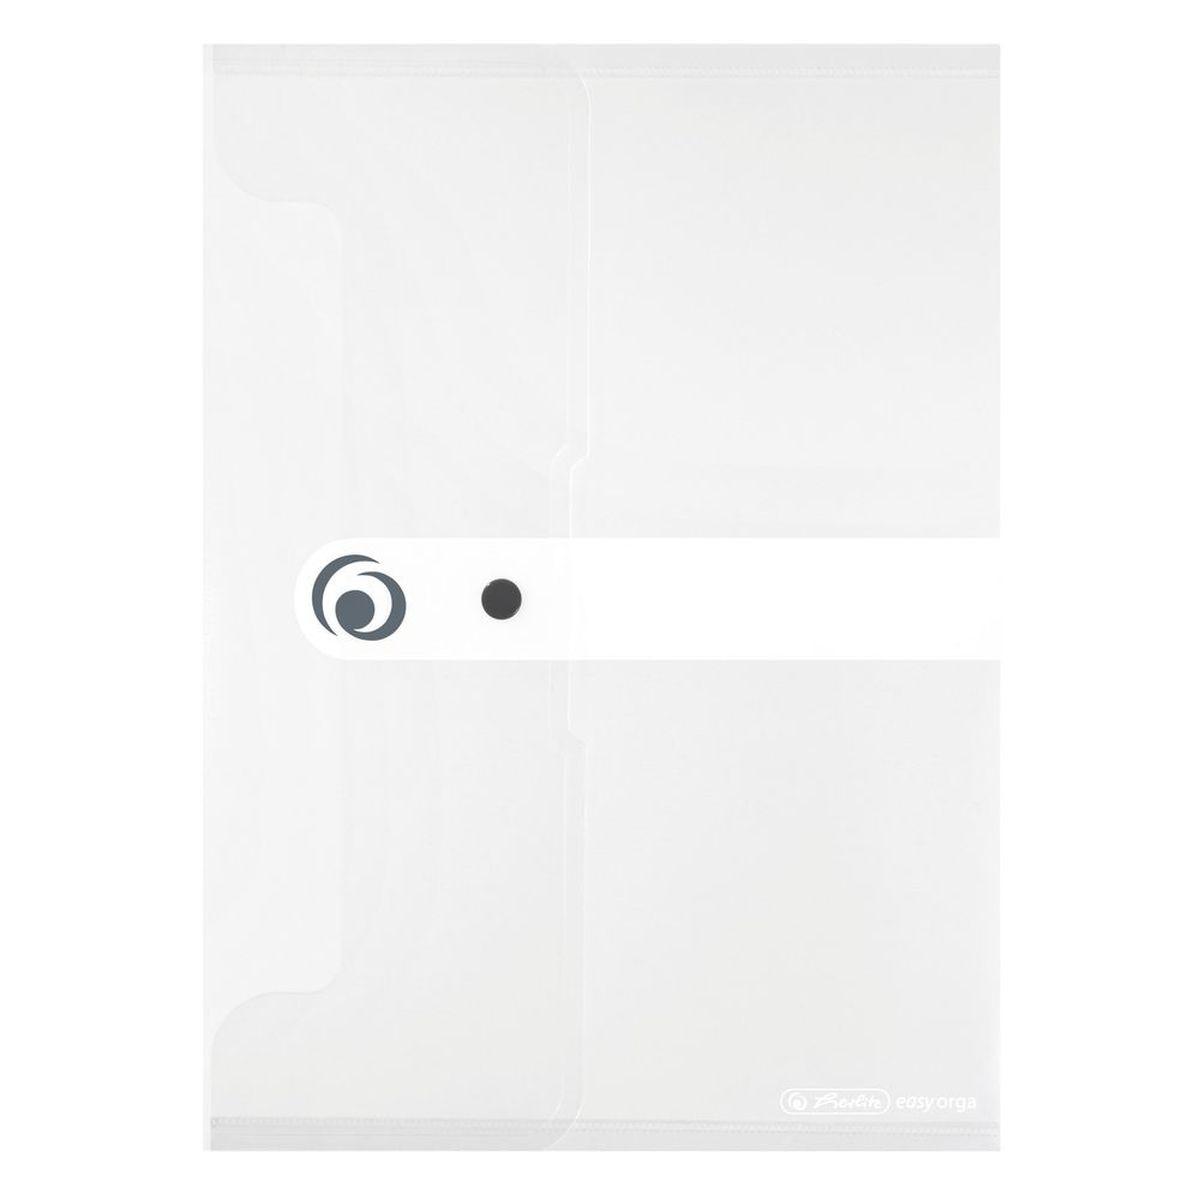 Herlitz Папка-конверт Easy orga формат A4 цвет прозрачный